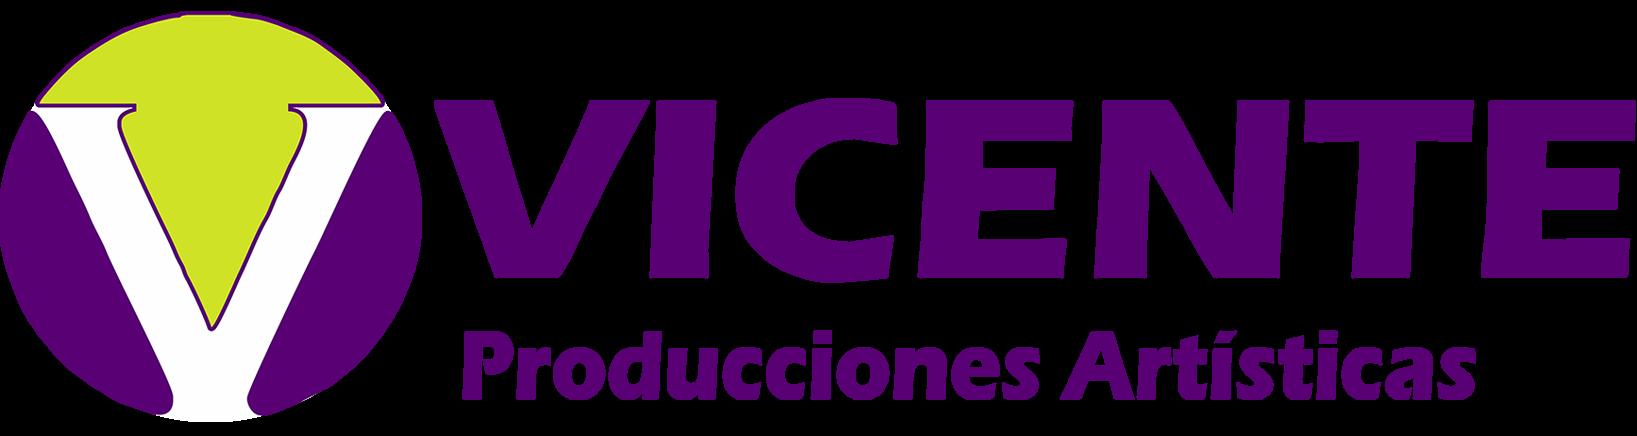 Vicente Producciones